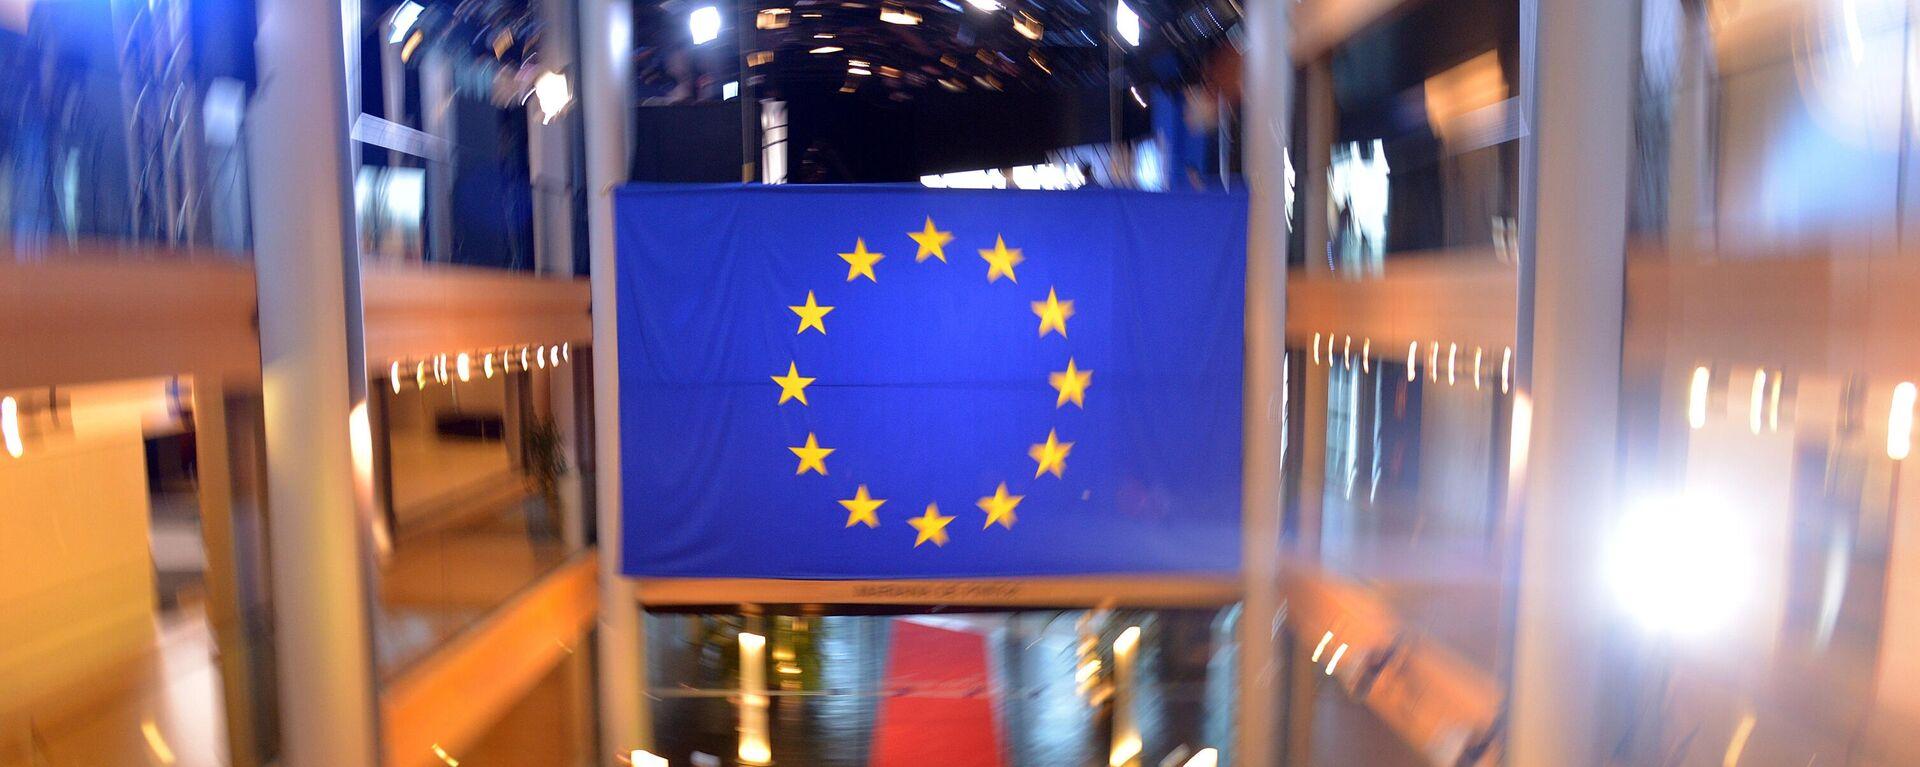 Die Flagge der Europäischen Union - SNA, 1920, 30.06.2021